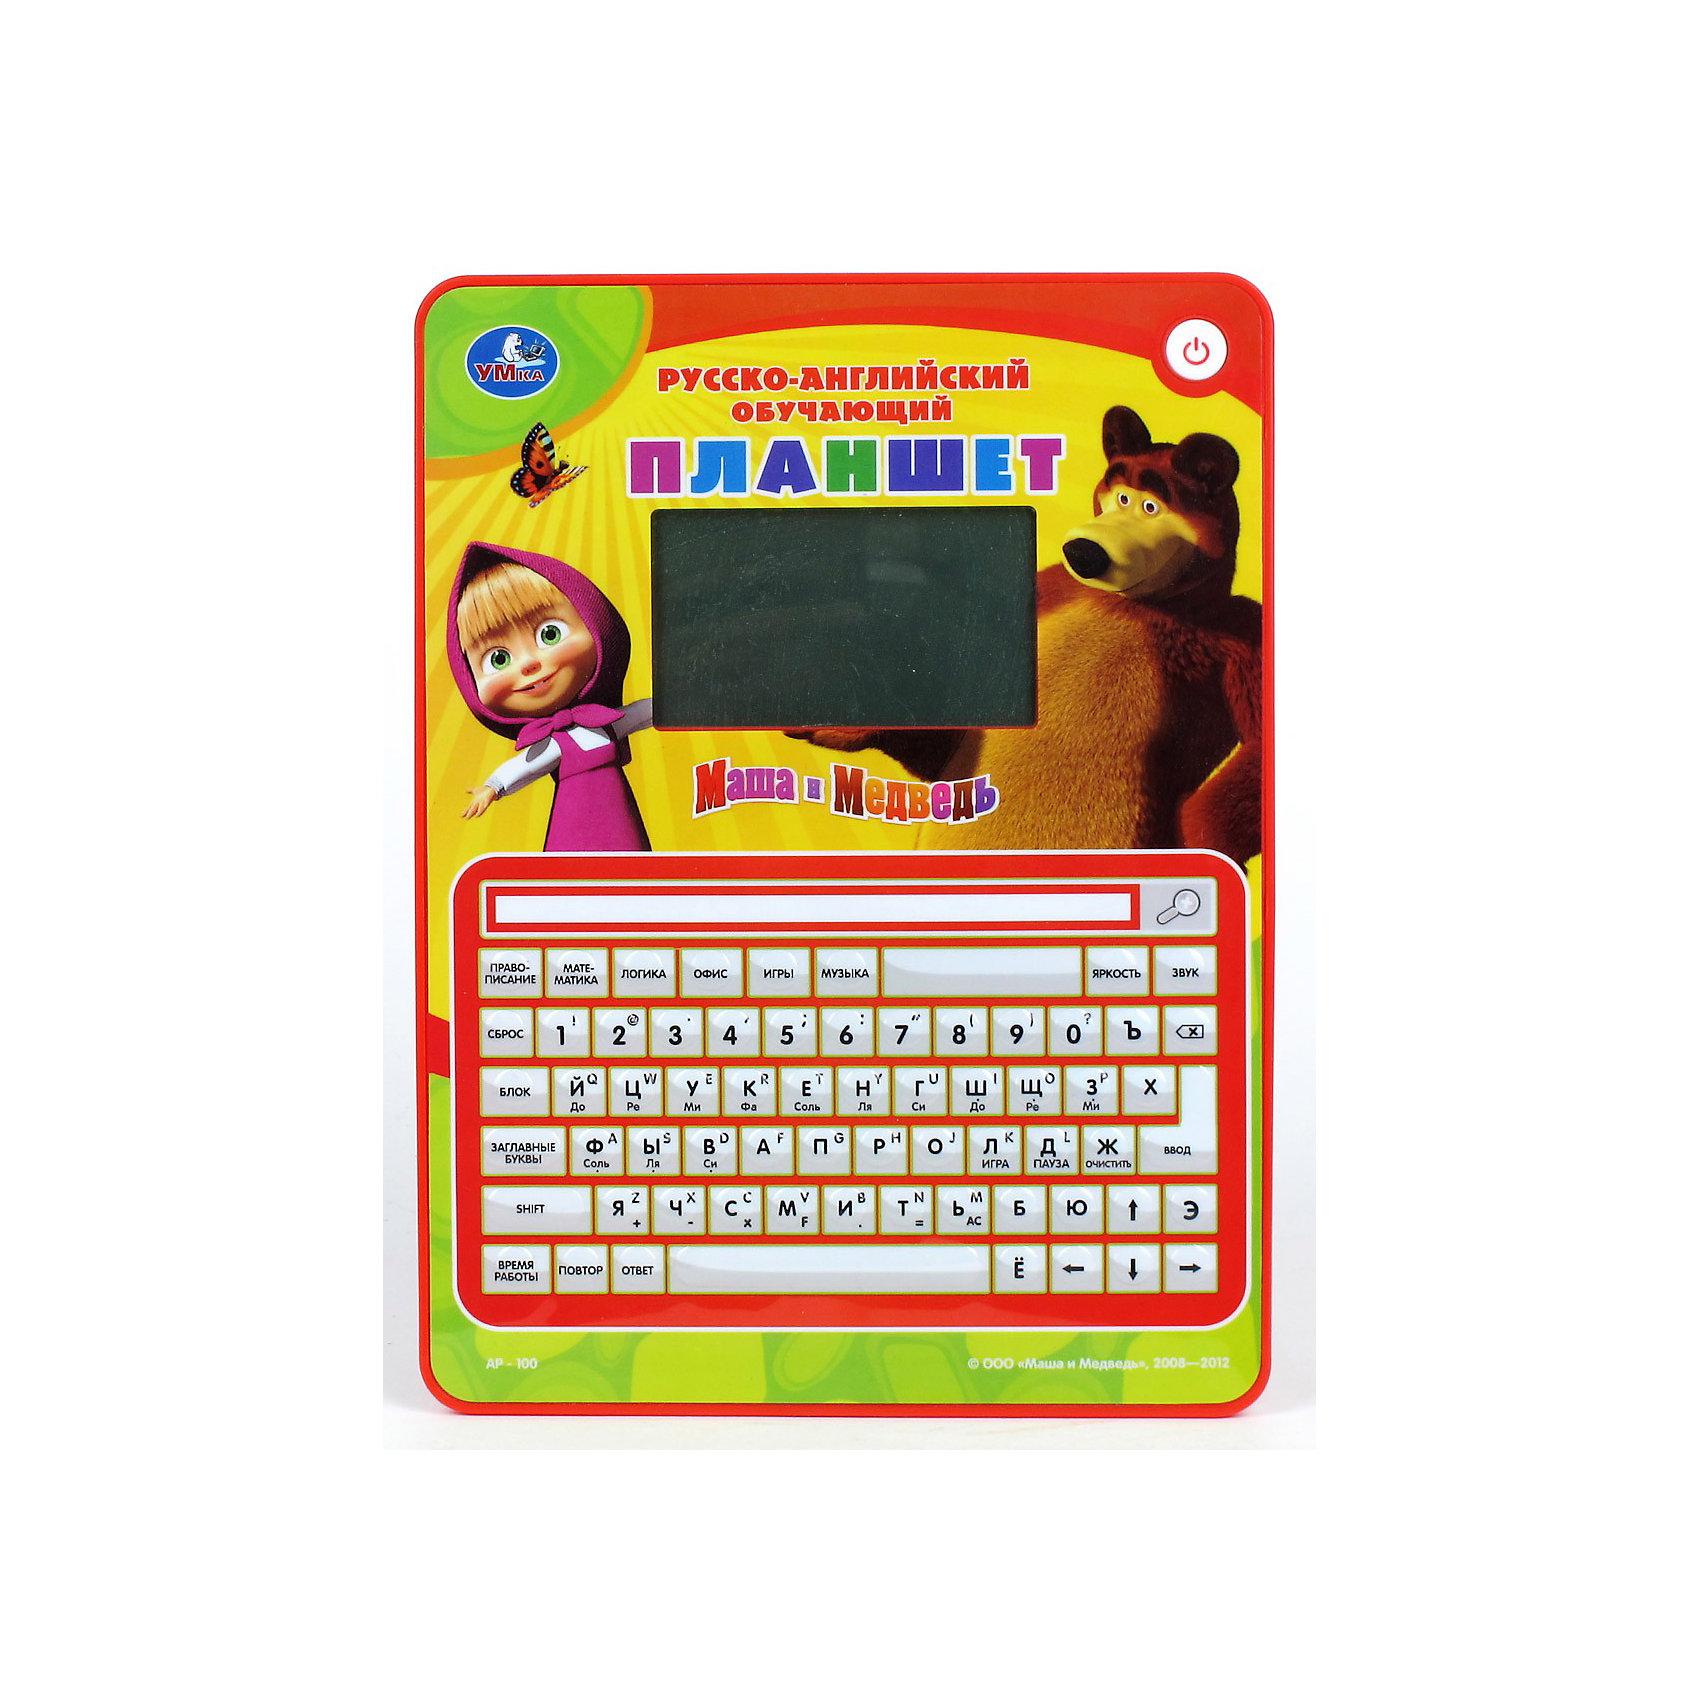 Умка Обучающий планшет Маша и медведь, 80 программ